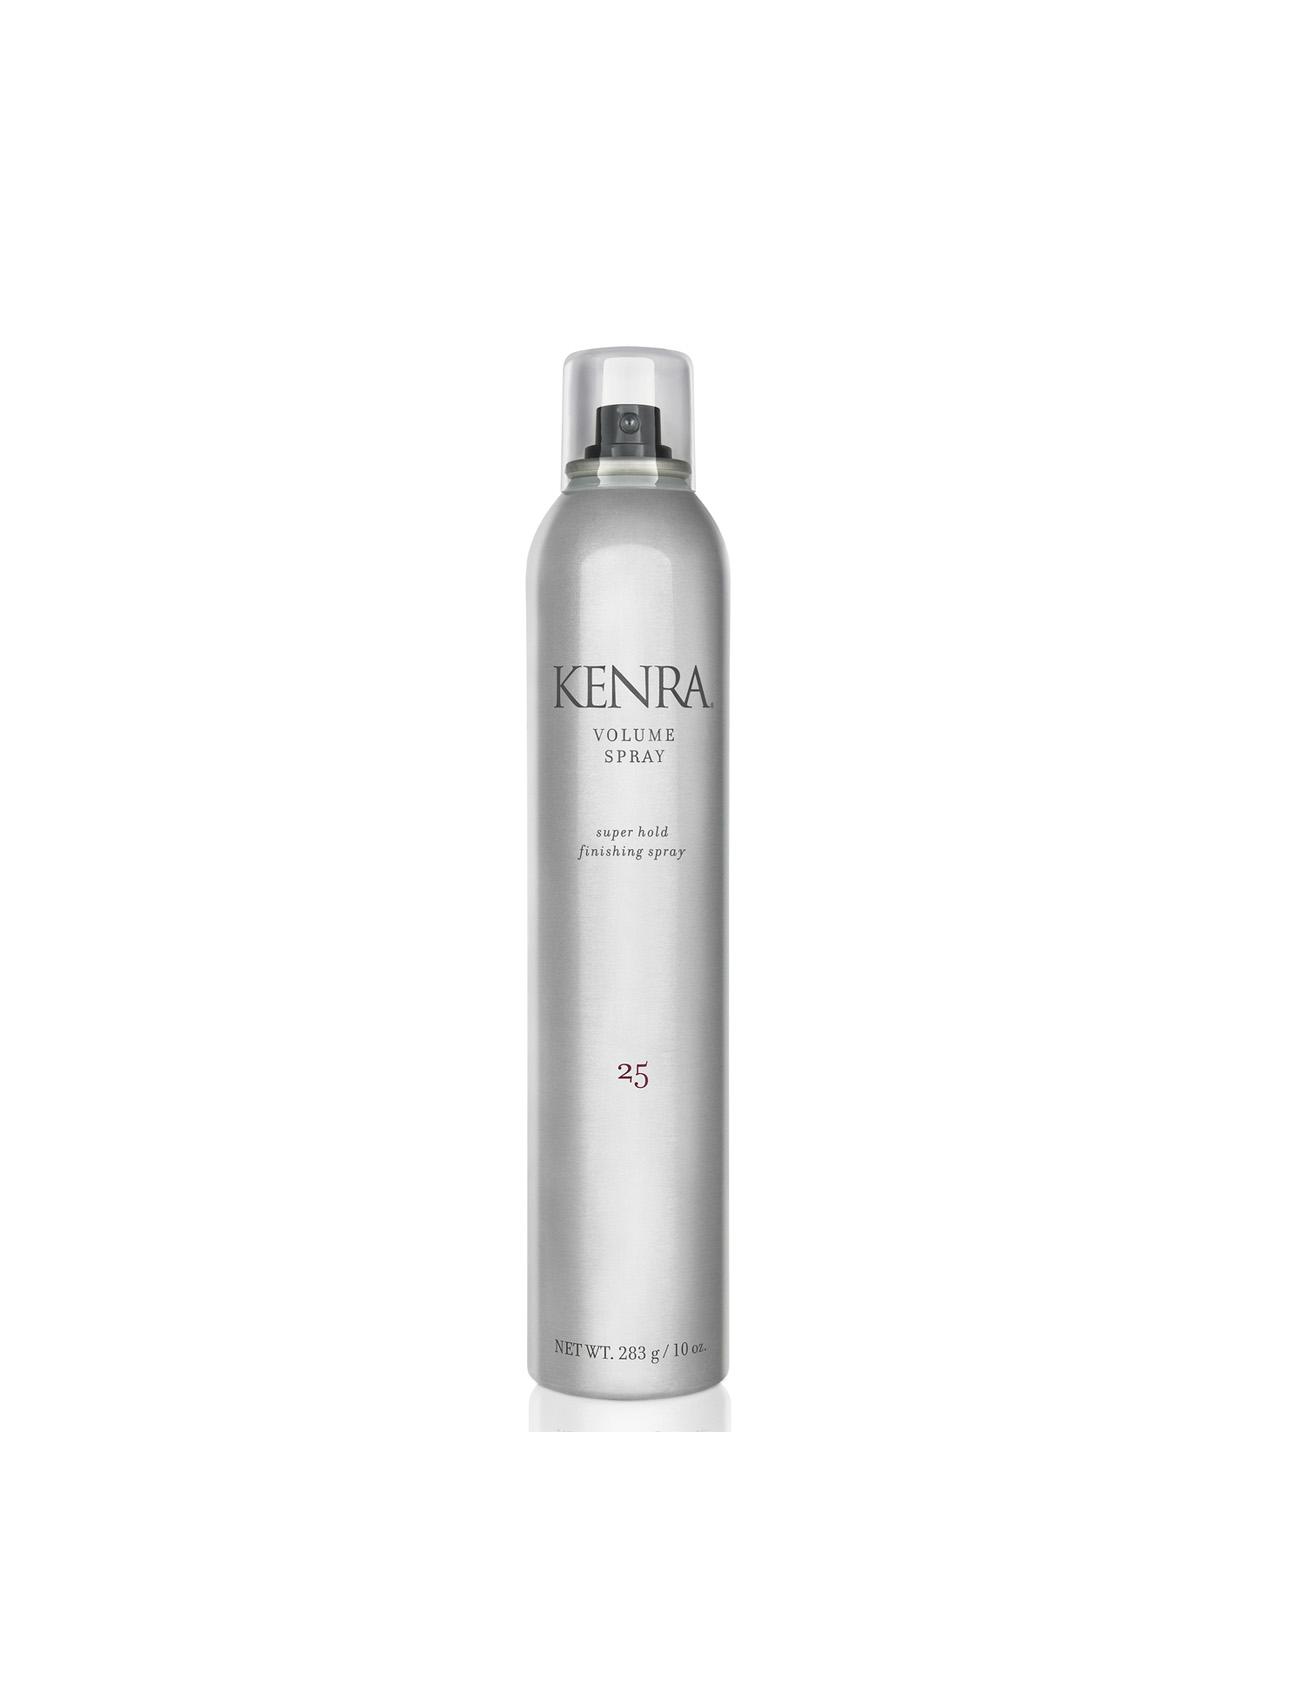 Kenra Volume Spray